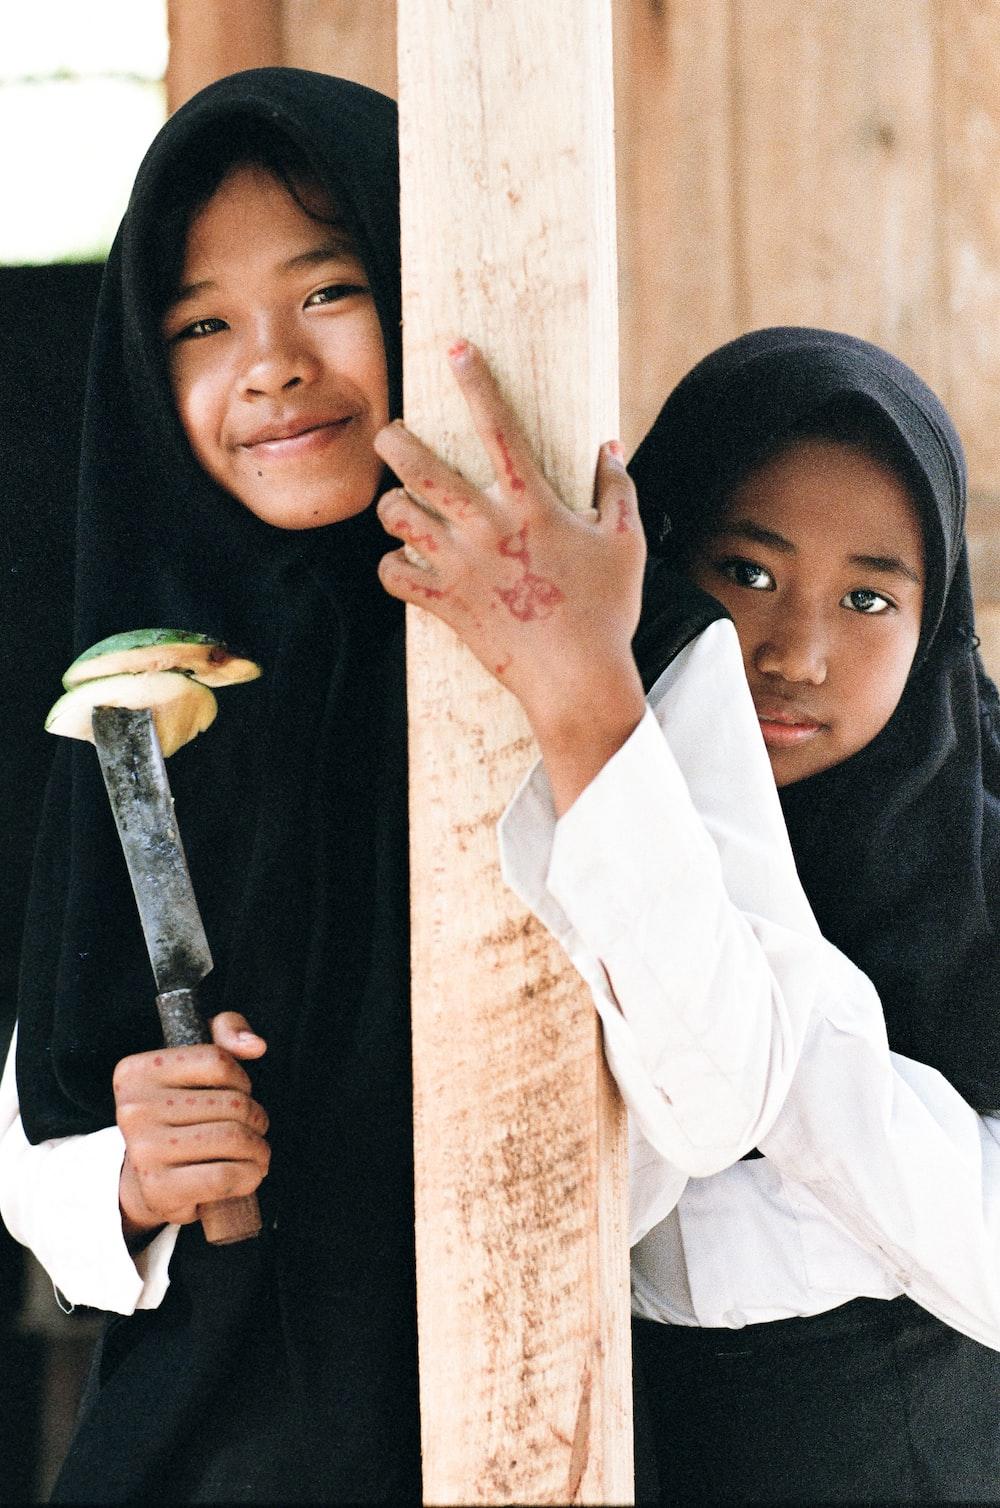 girl holding knife